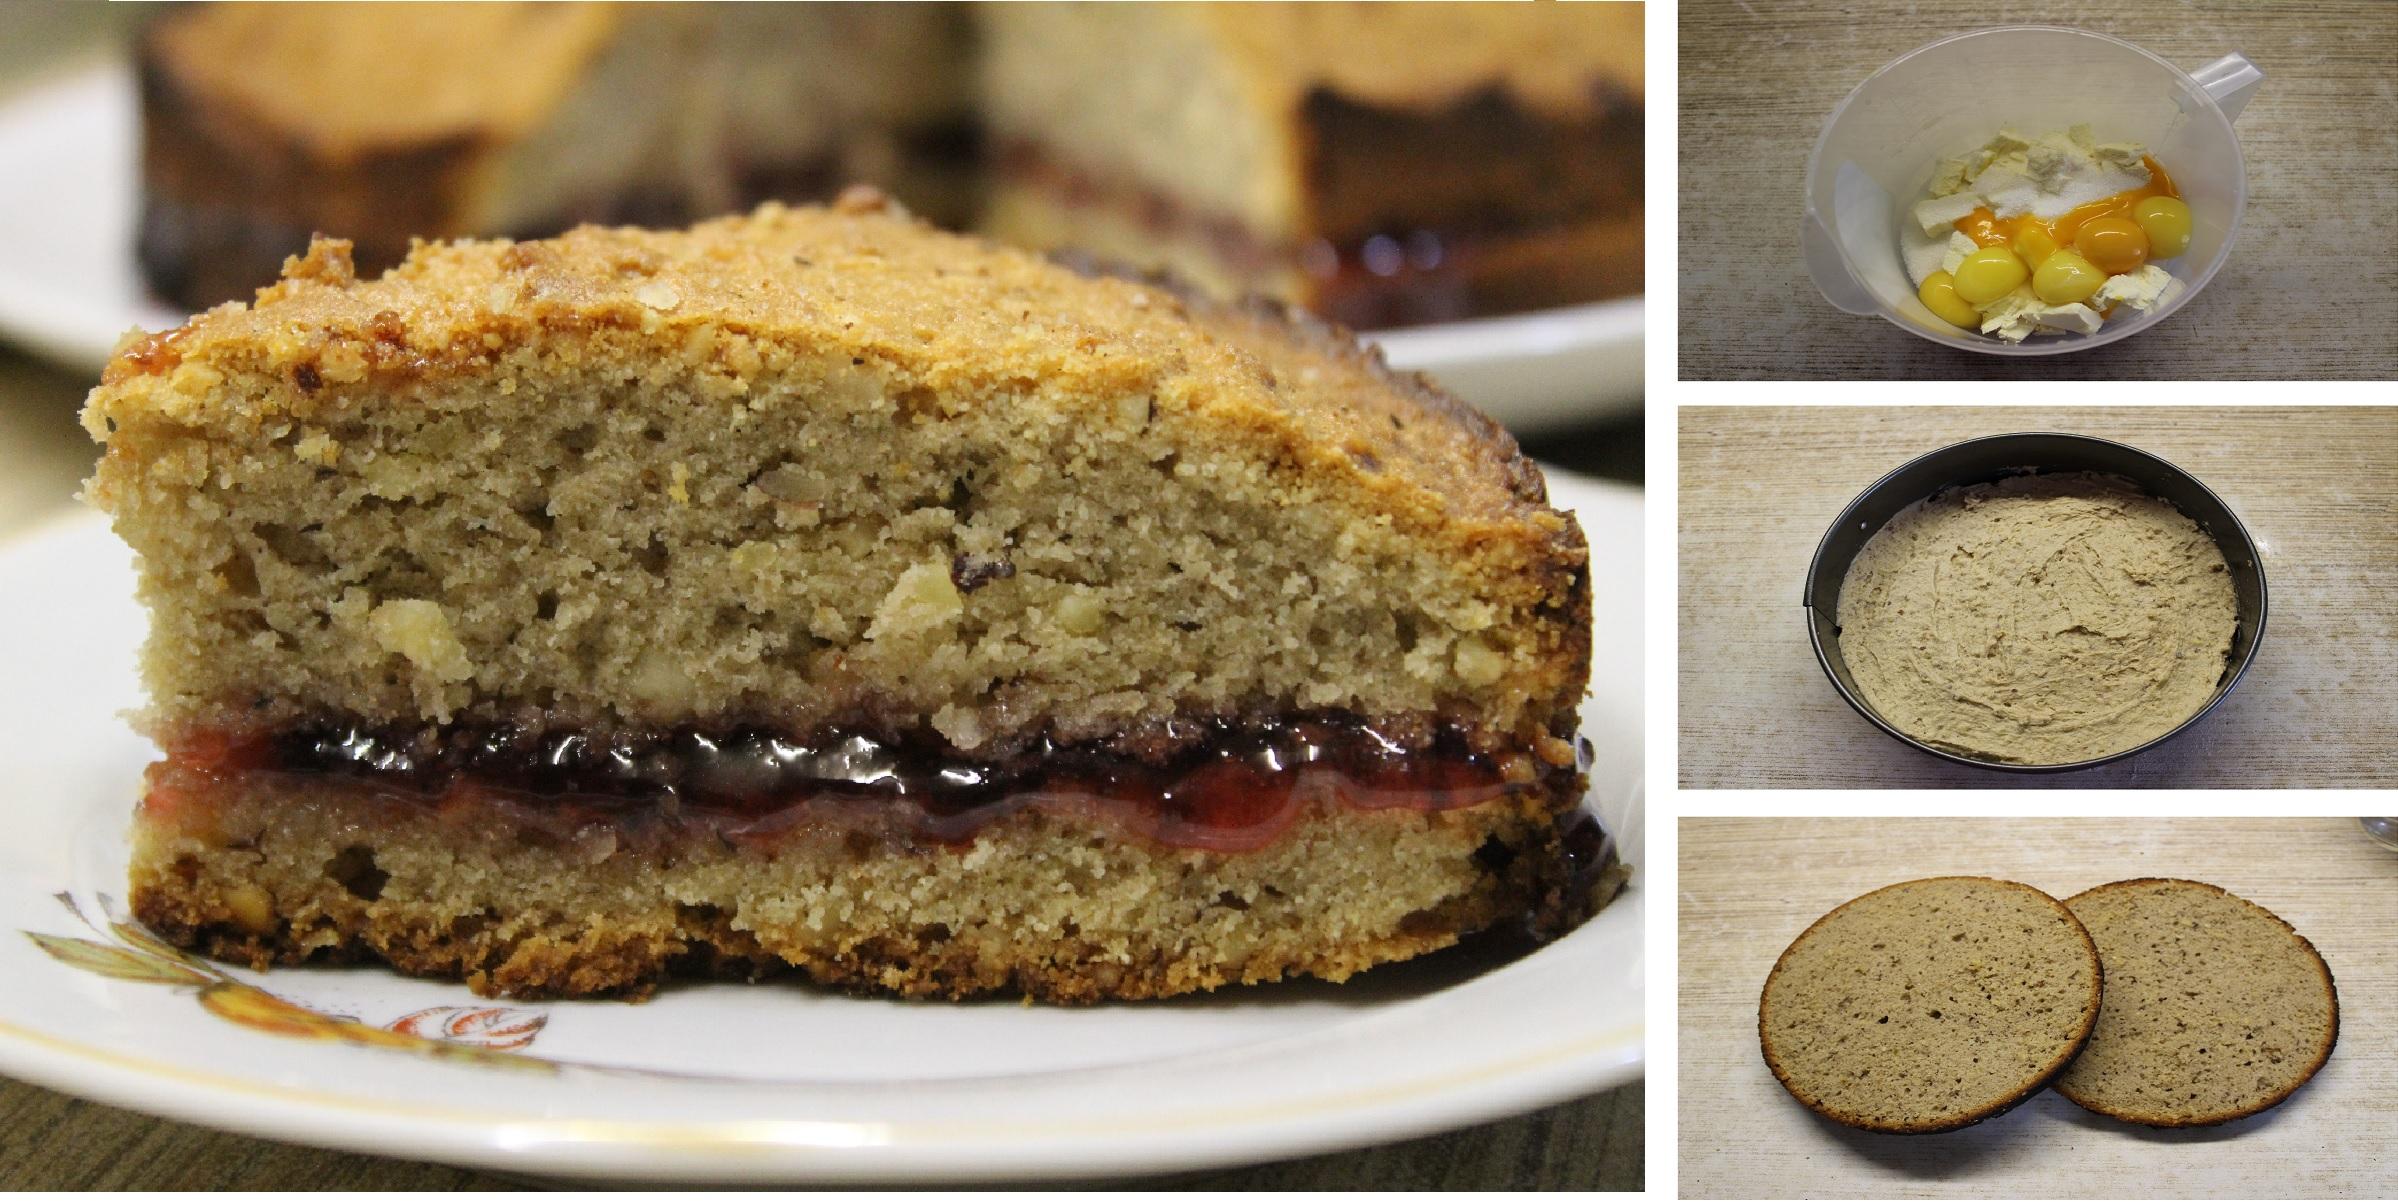 Гречневый пирог с клюквенным вареньем без пшеничной муки по немецкому рецепту: пошаговый фото рецепт